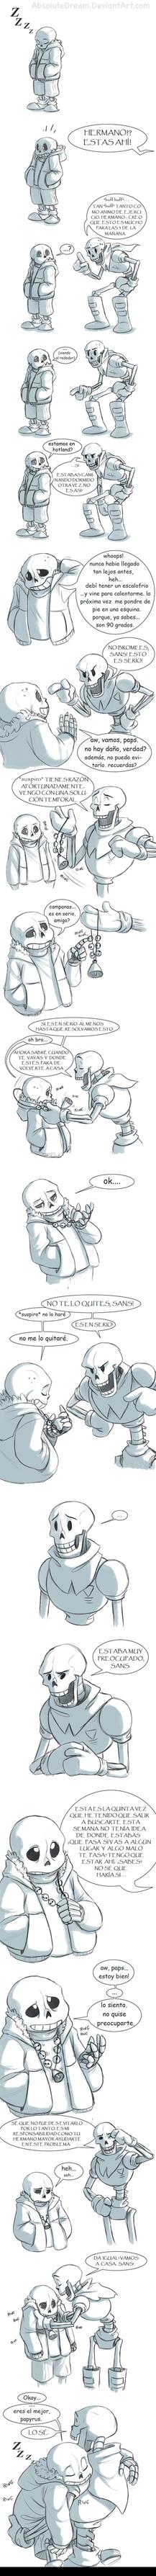 Undertale Comic: Problema de Sonambulismo by Snaaks-Kent